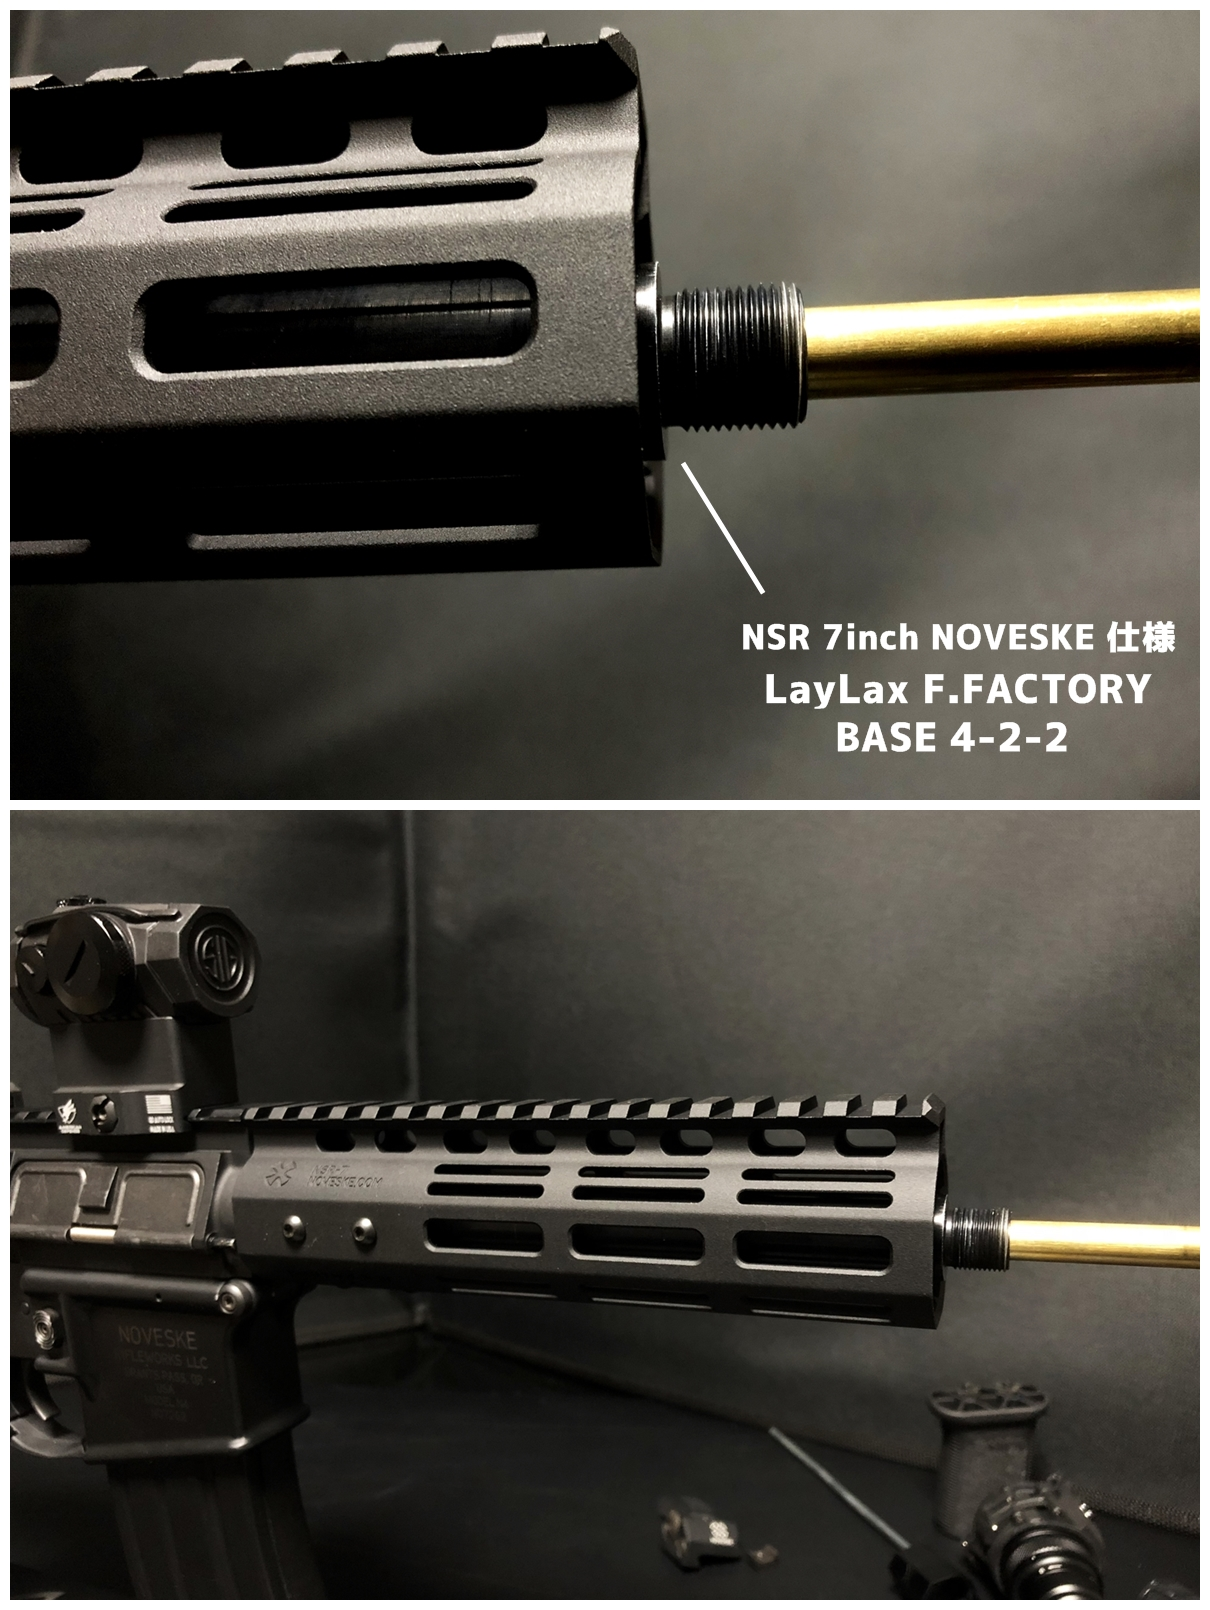 27 『微々たる変化』と『微々たる進化』 IRON vs 5KU M-LOK NSR NOVESKE TYPE N4 M4 AR15 ハンドガード 購入 分解 交換 検証 取付 レビュー